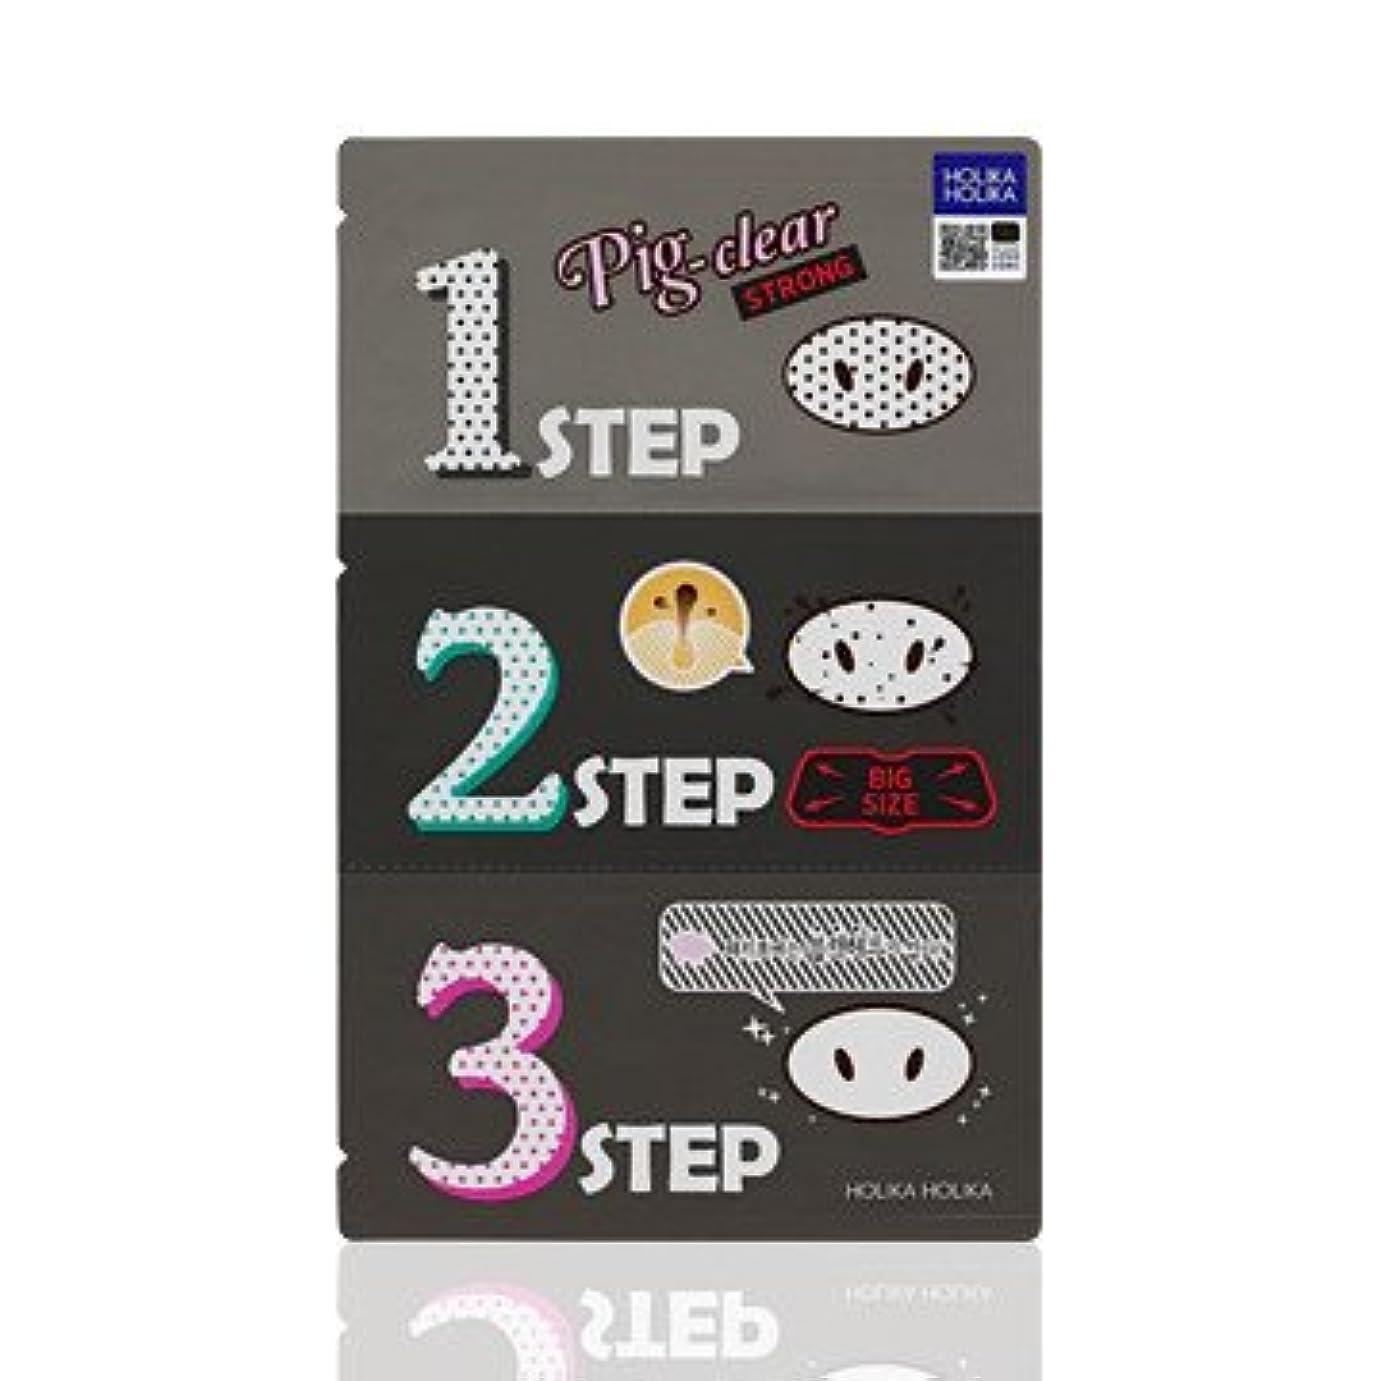 追い付くアスペクトペニーHolika Holika Pig Nose Clear Black Head 3-Step Kit 10EA